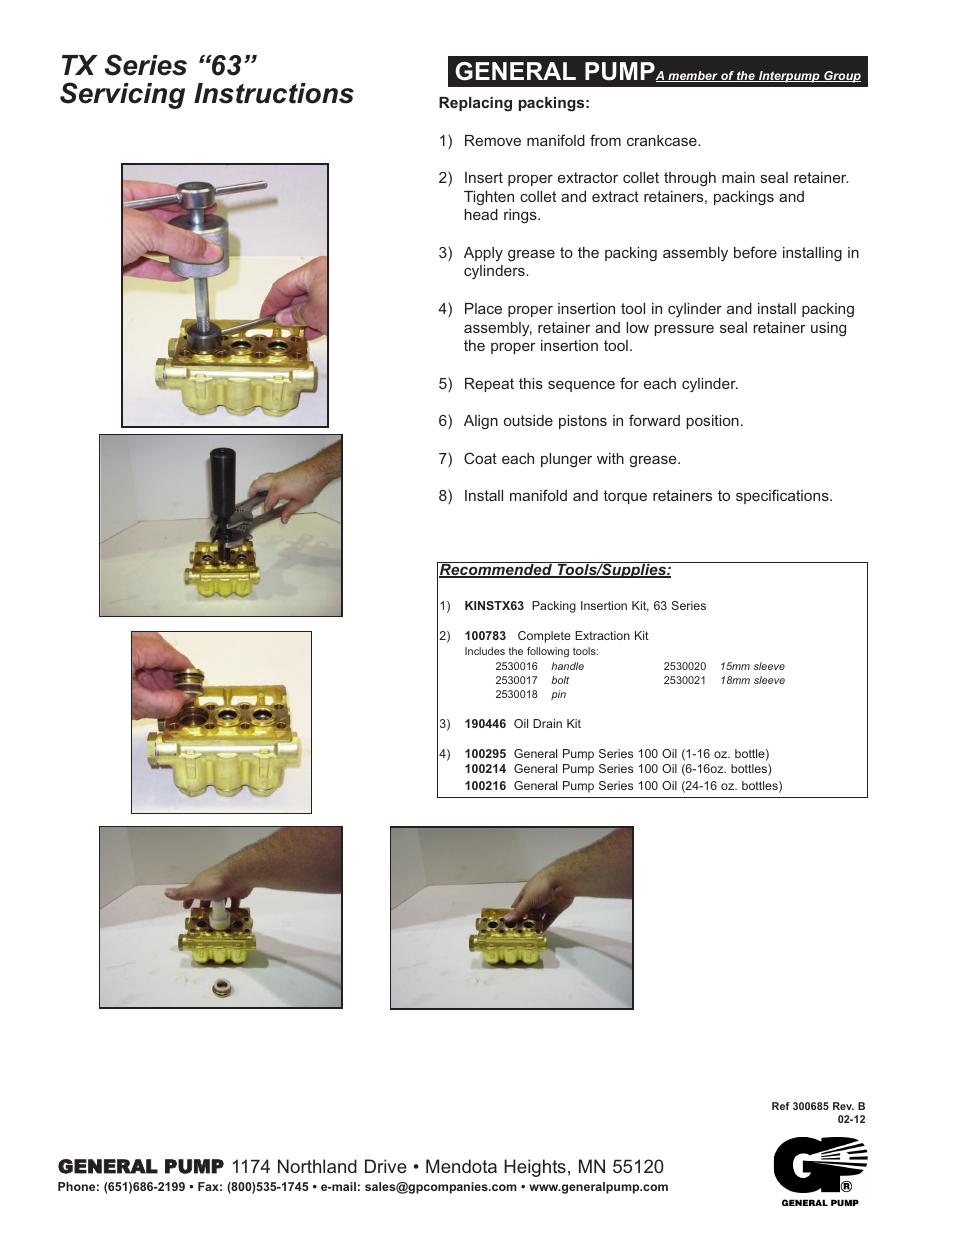 tx series u201c63 u201d servicing instructions general pump general pump rh manualsdir com Operation Game Pieces Operation Game Pieces